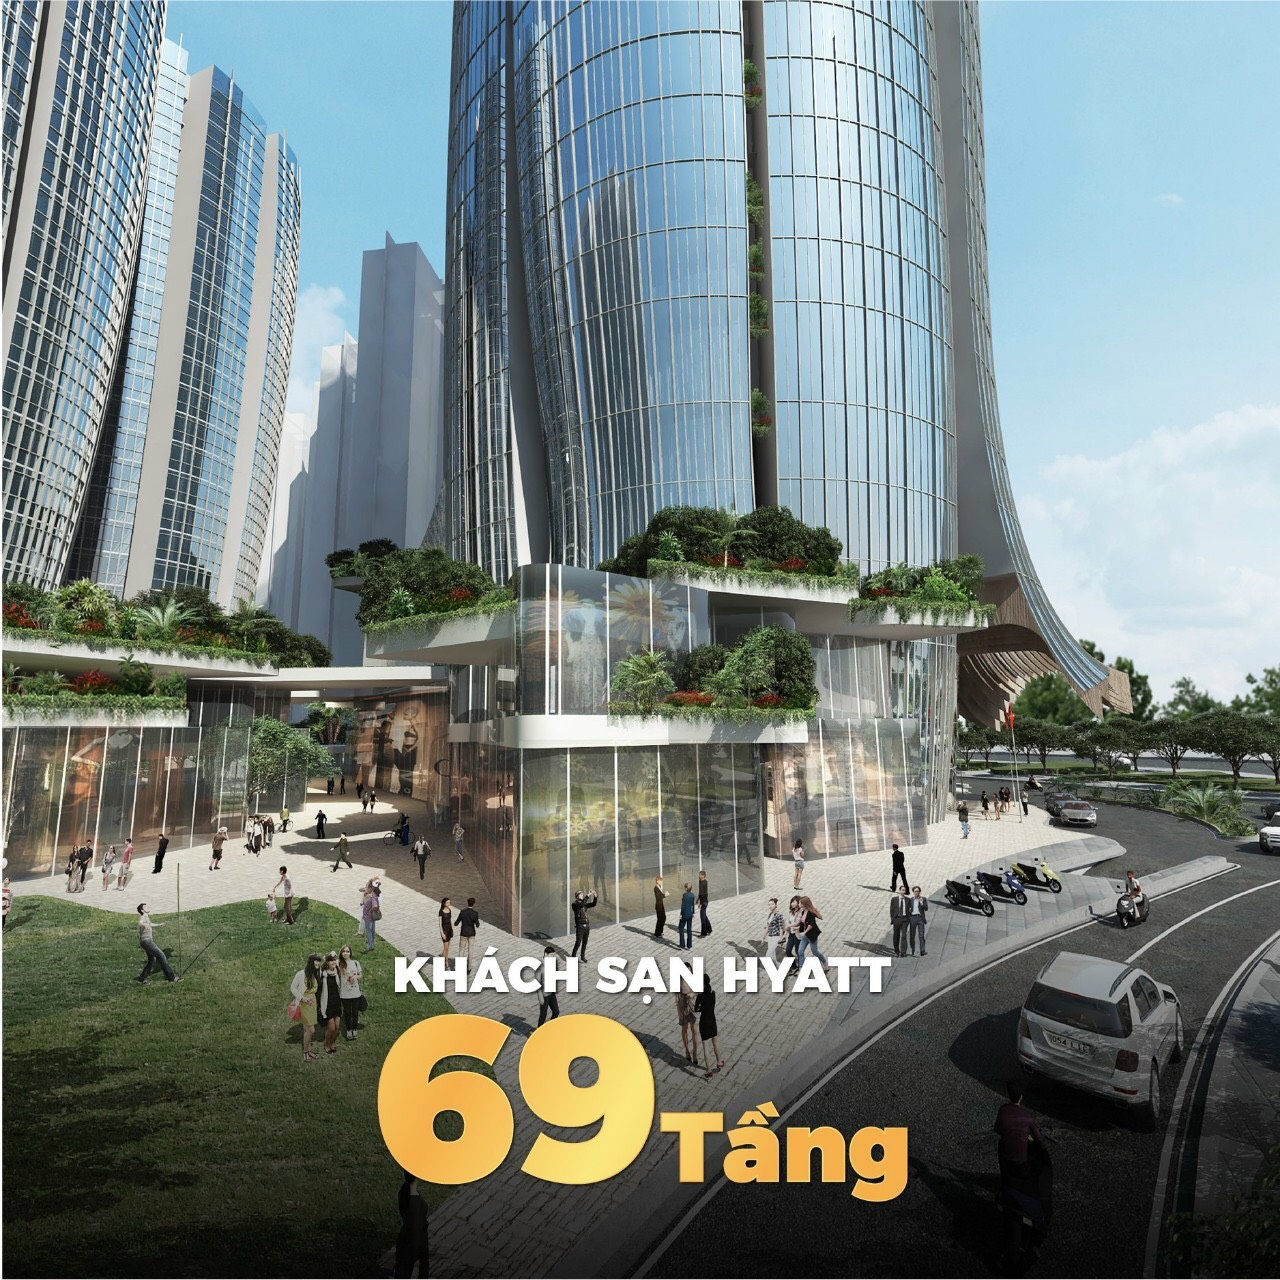 Khách sạn 69 tầng biểu tượng của quận 7